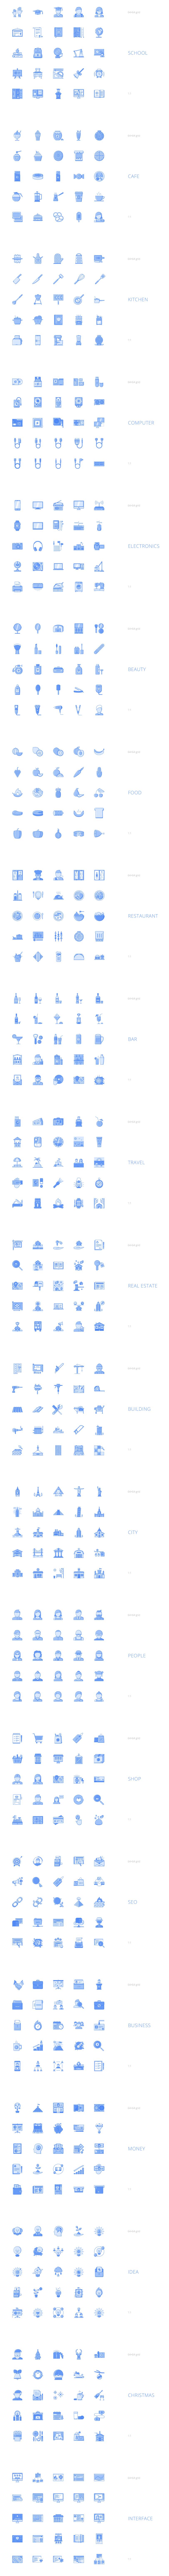 1000枚 2018年流行的精细化风格图标套装下载[EPS]